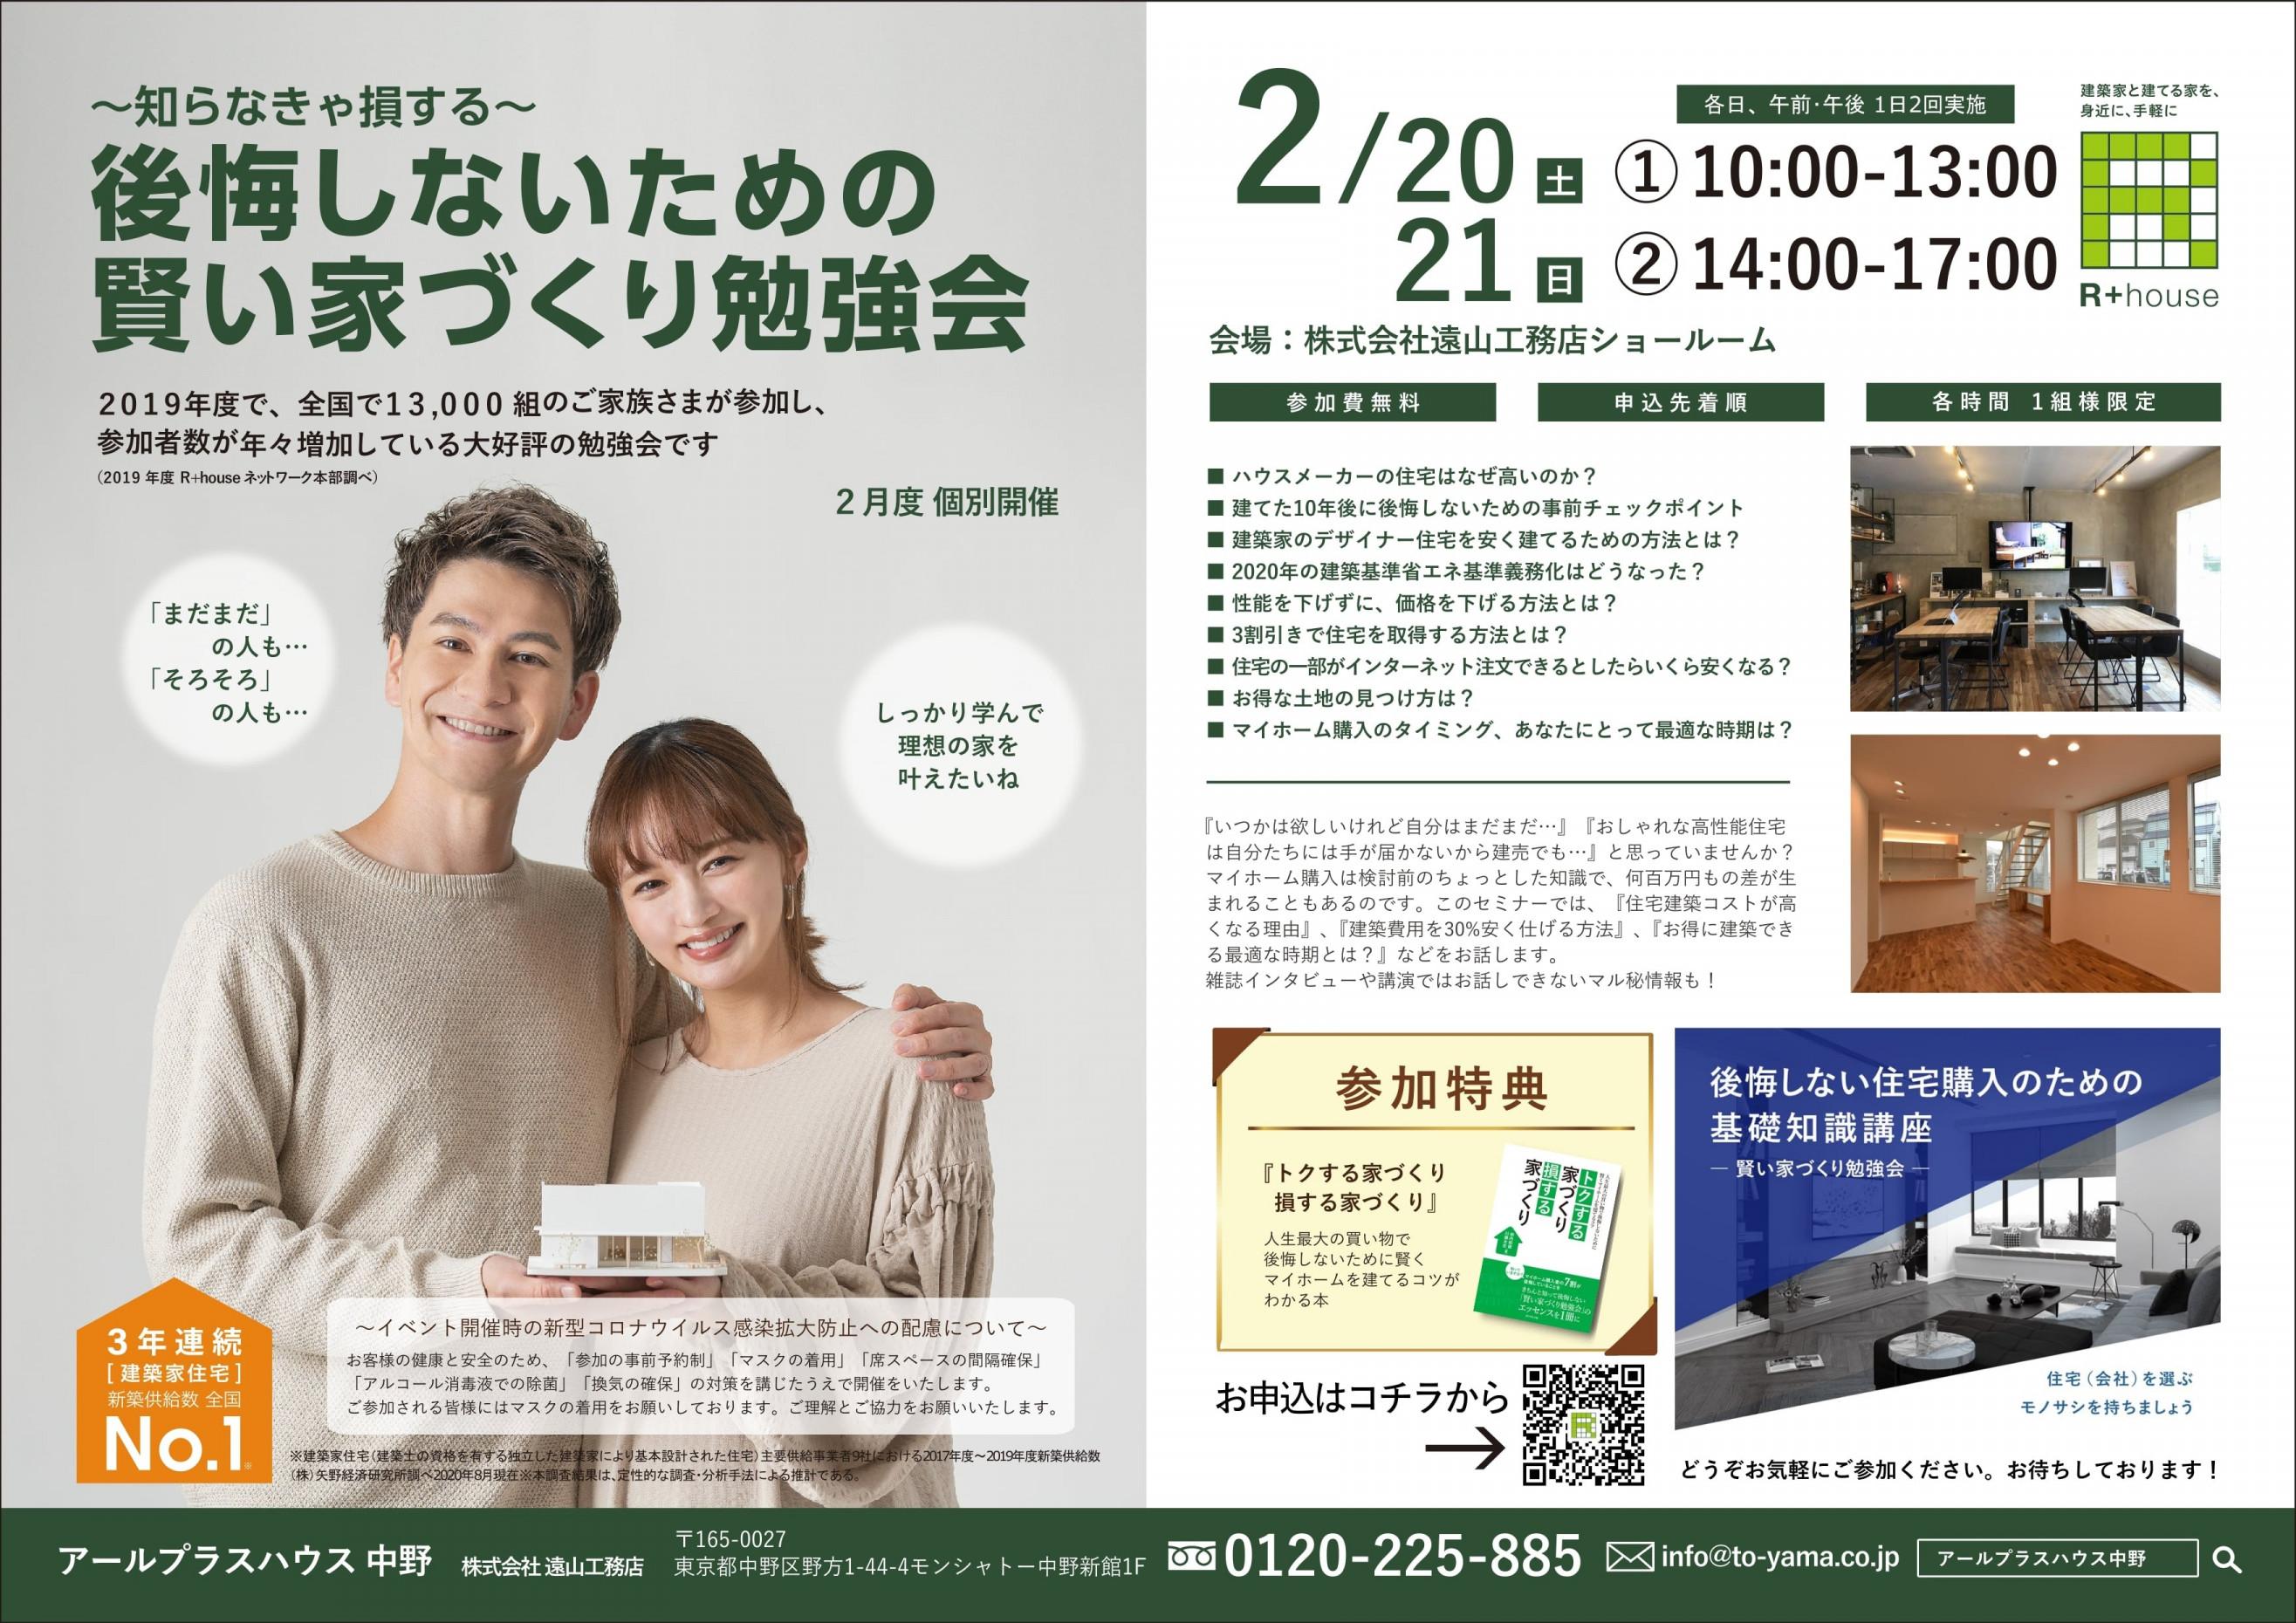 2/20(土)・21(日)開催【後悔しないための賢い家づくり勉強会】